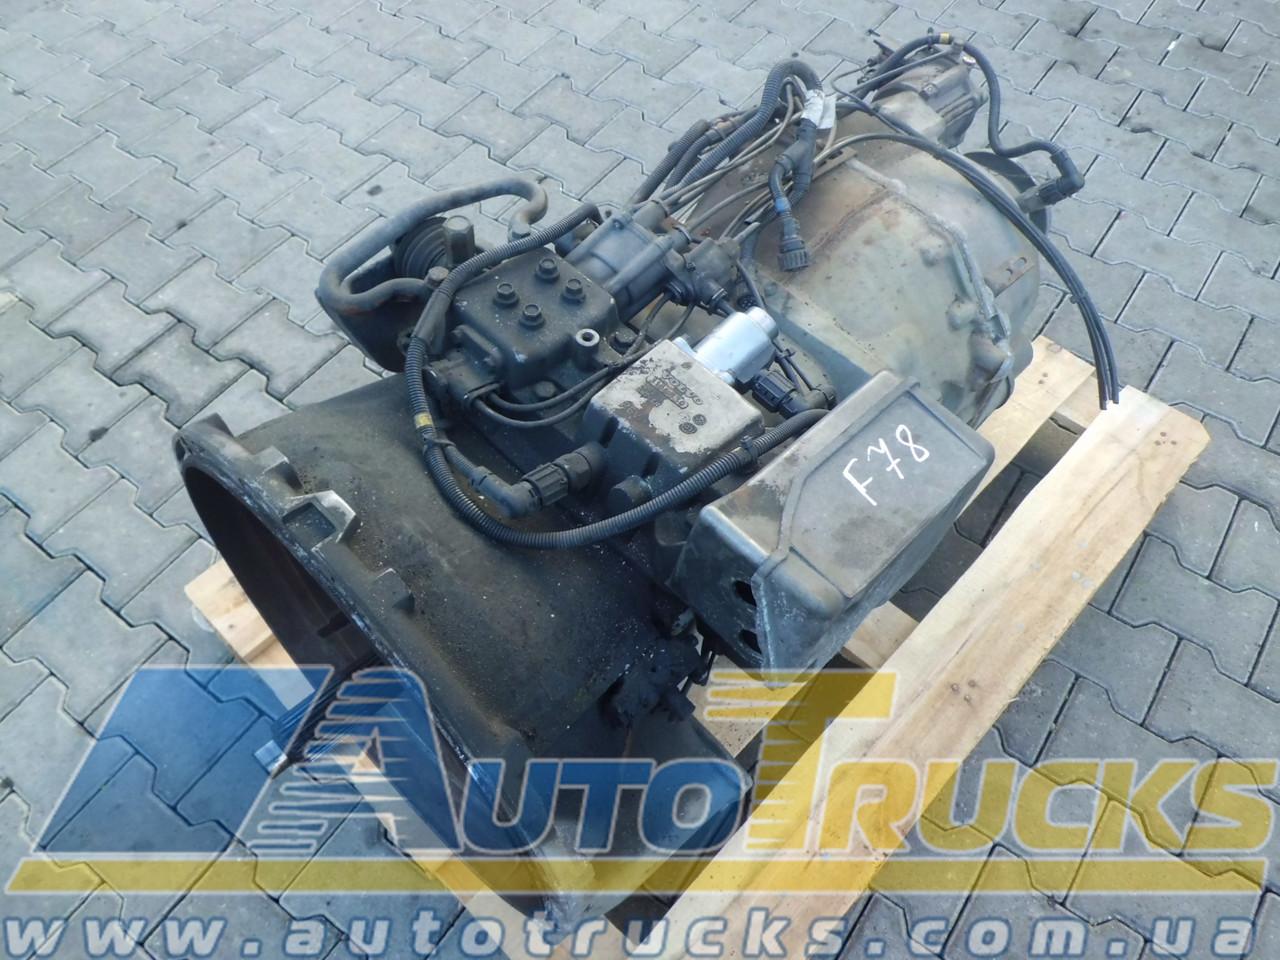 КПП механическая VT2214B Б/у для VOLVO (3190239; 3190244; 3190253; 3190267; 3190251; 3190268; 3190243)